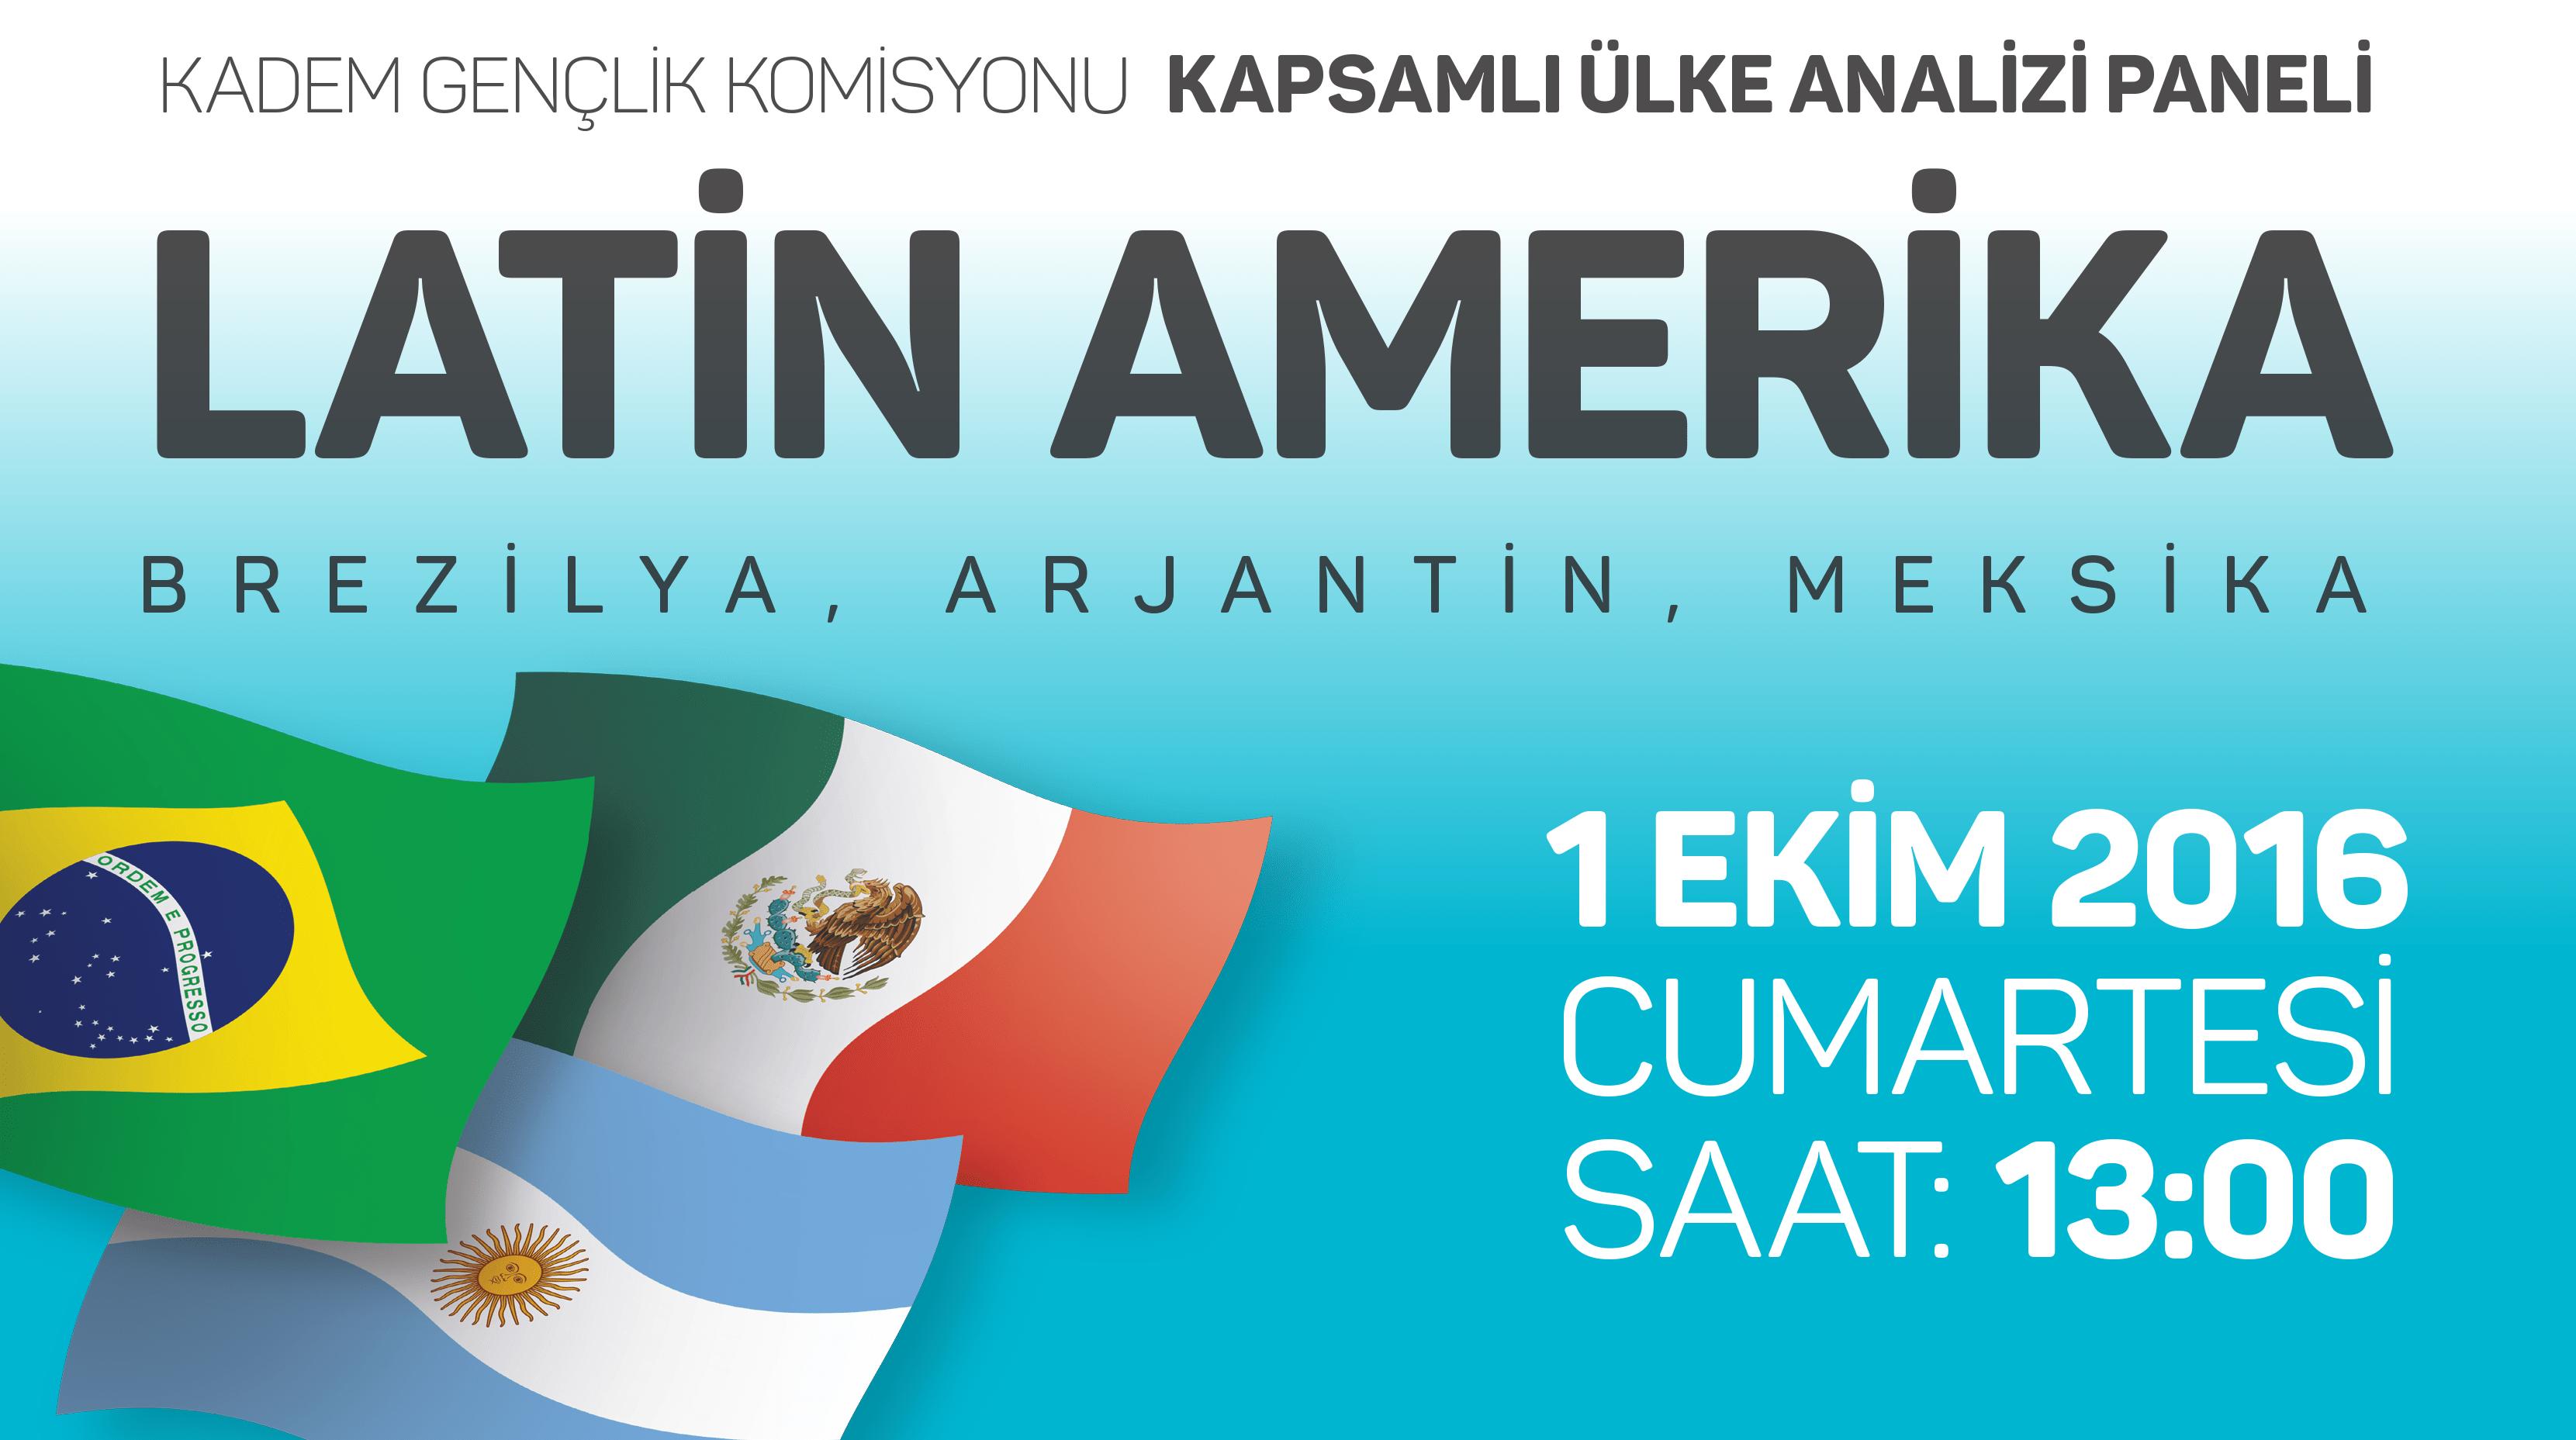 KADEM Gençlik, Latin Amerika'yı konuşacak